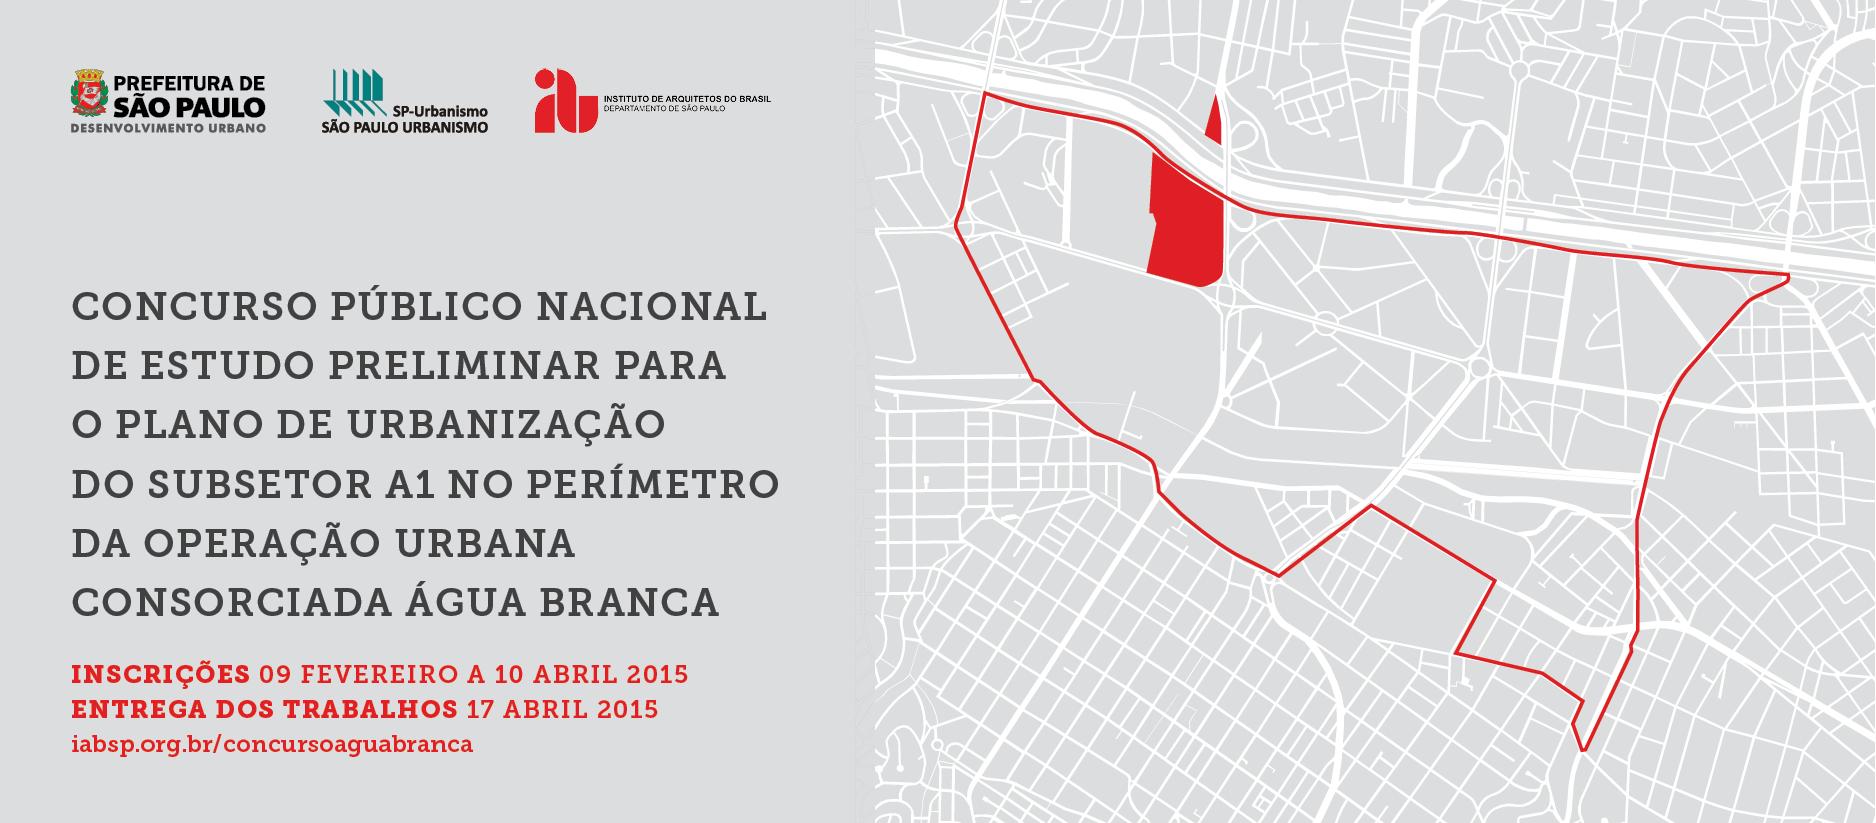 IAB-SP promove concurso para Plano de Urbanização do Subsetor A1 do Perímetro da Operação Urbana Consorciada Água Branca